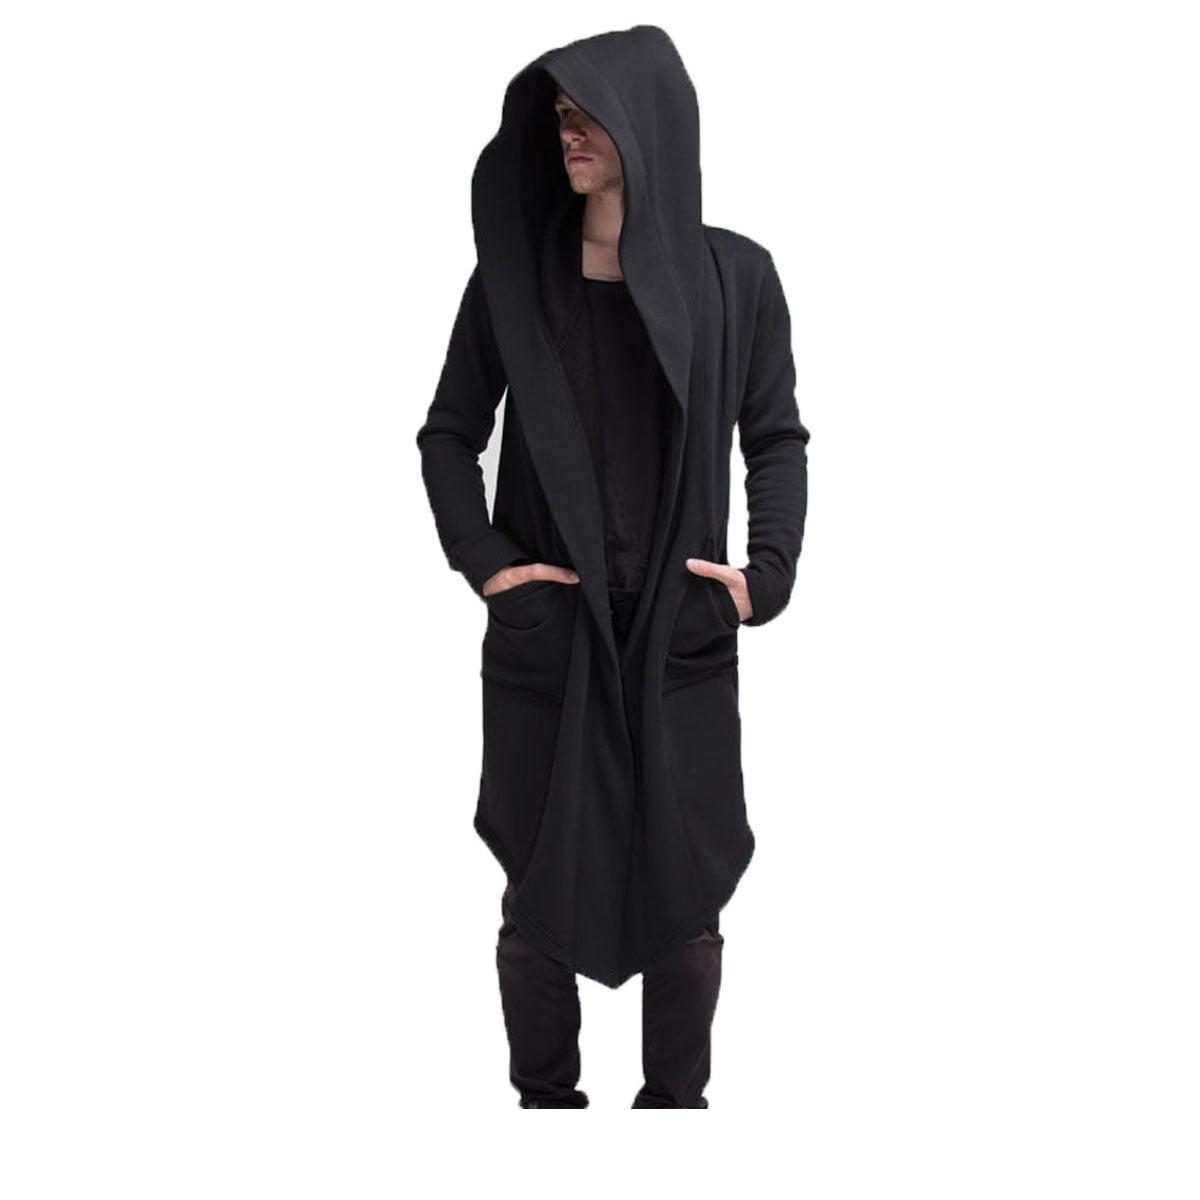 Men/'s Hooded Hoodies Zip Up Long Coat Jacket Sweatshirt Outwear Cardigan Tops